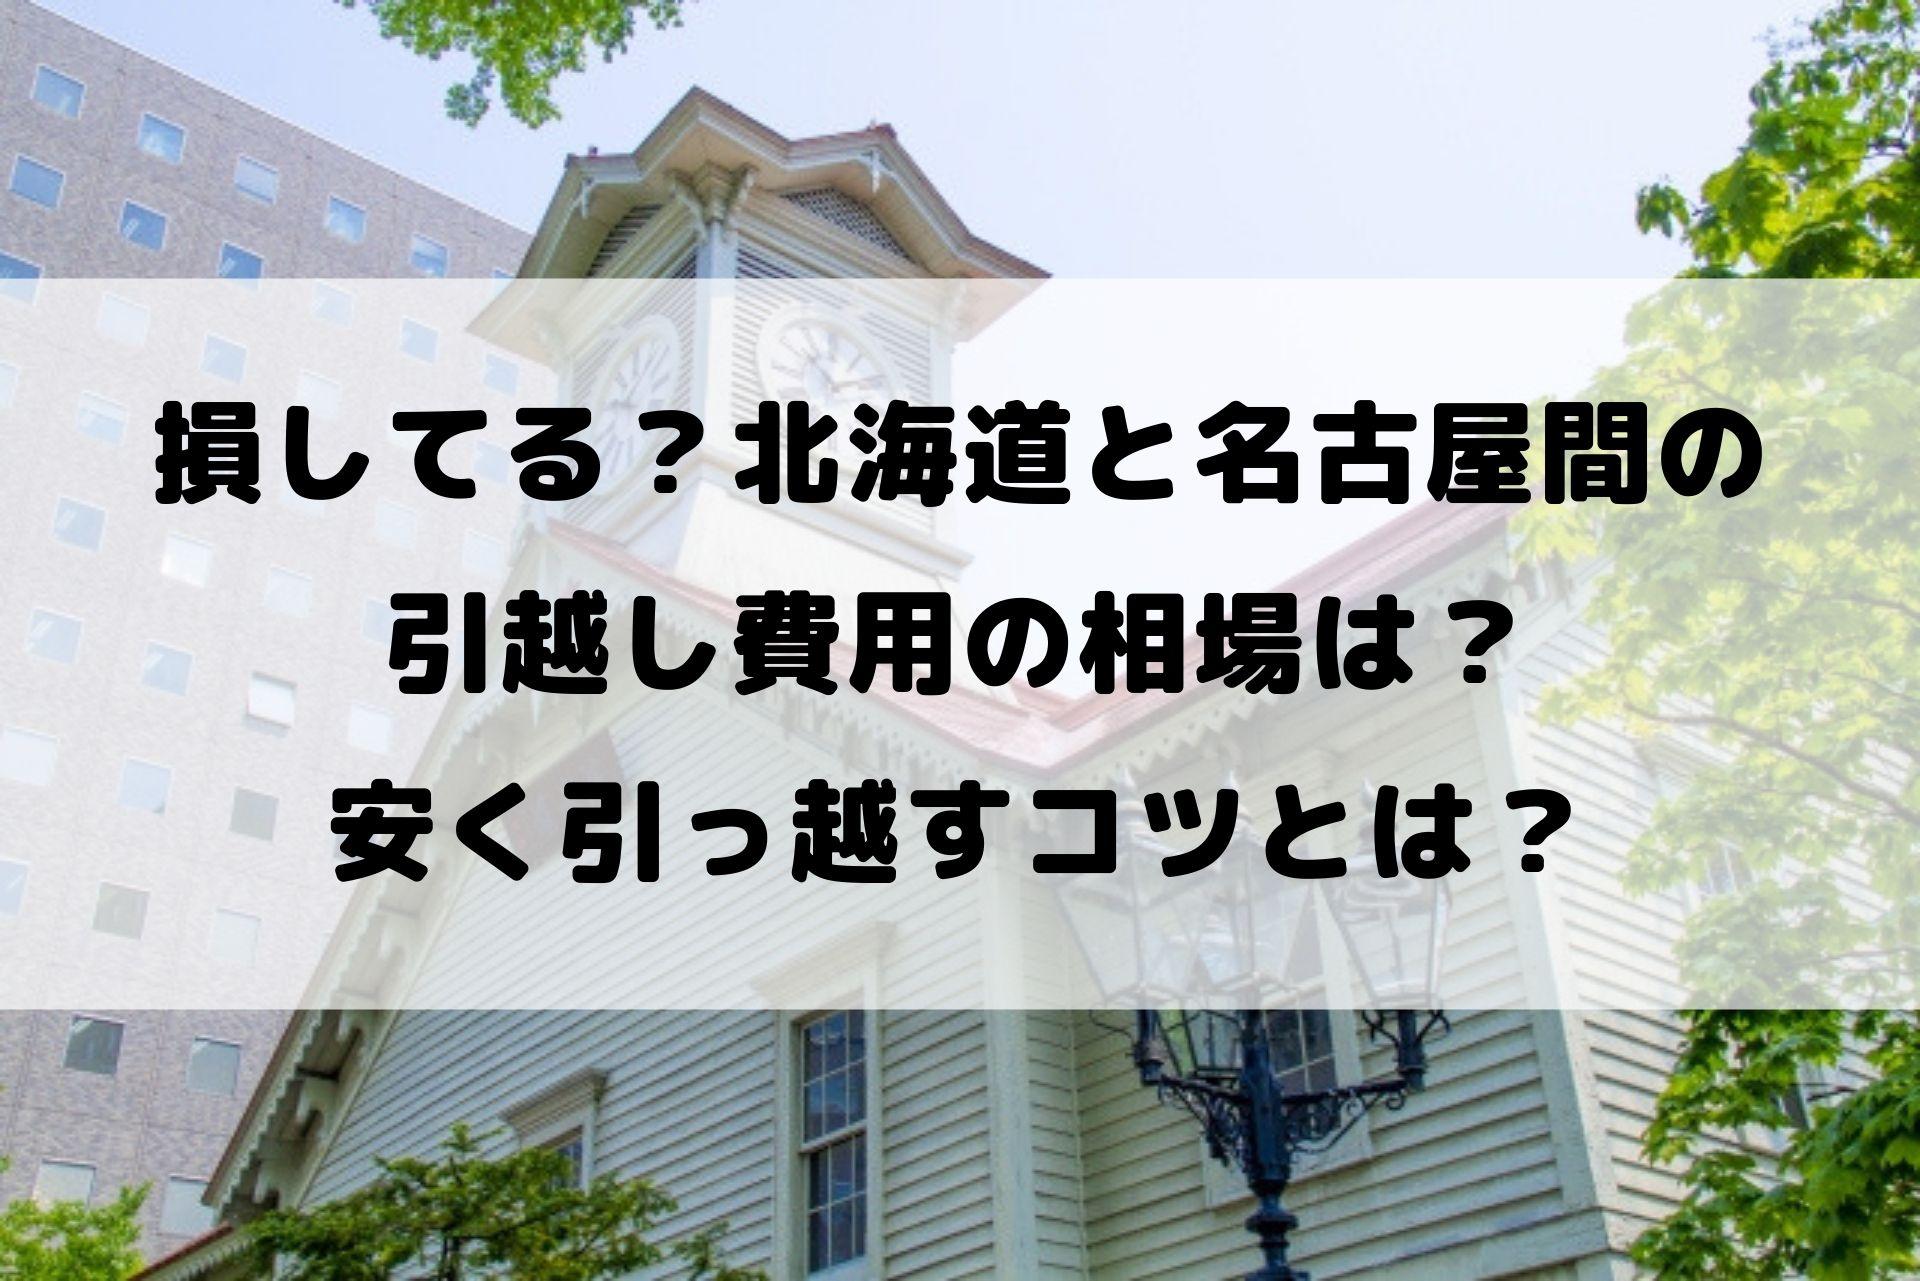 損してる?北海道と名古屋間の 引越し費用の相場は? 安く引っ越すコツとは?